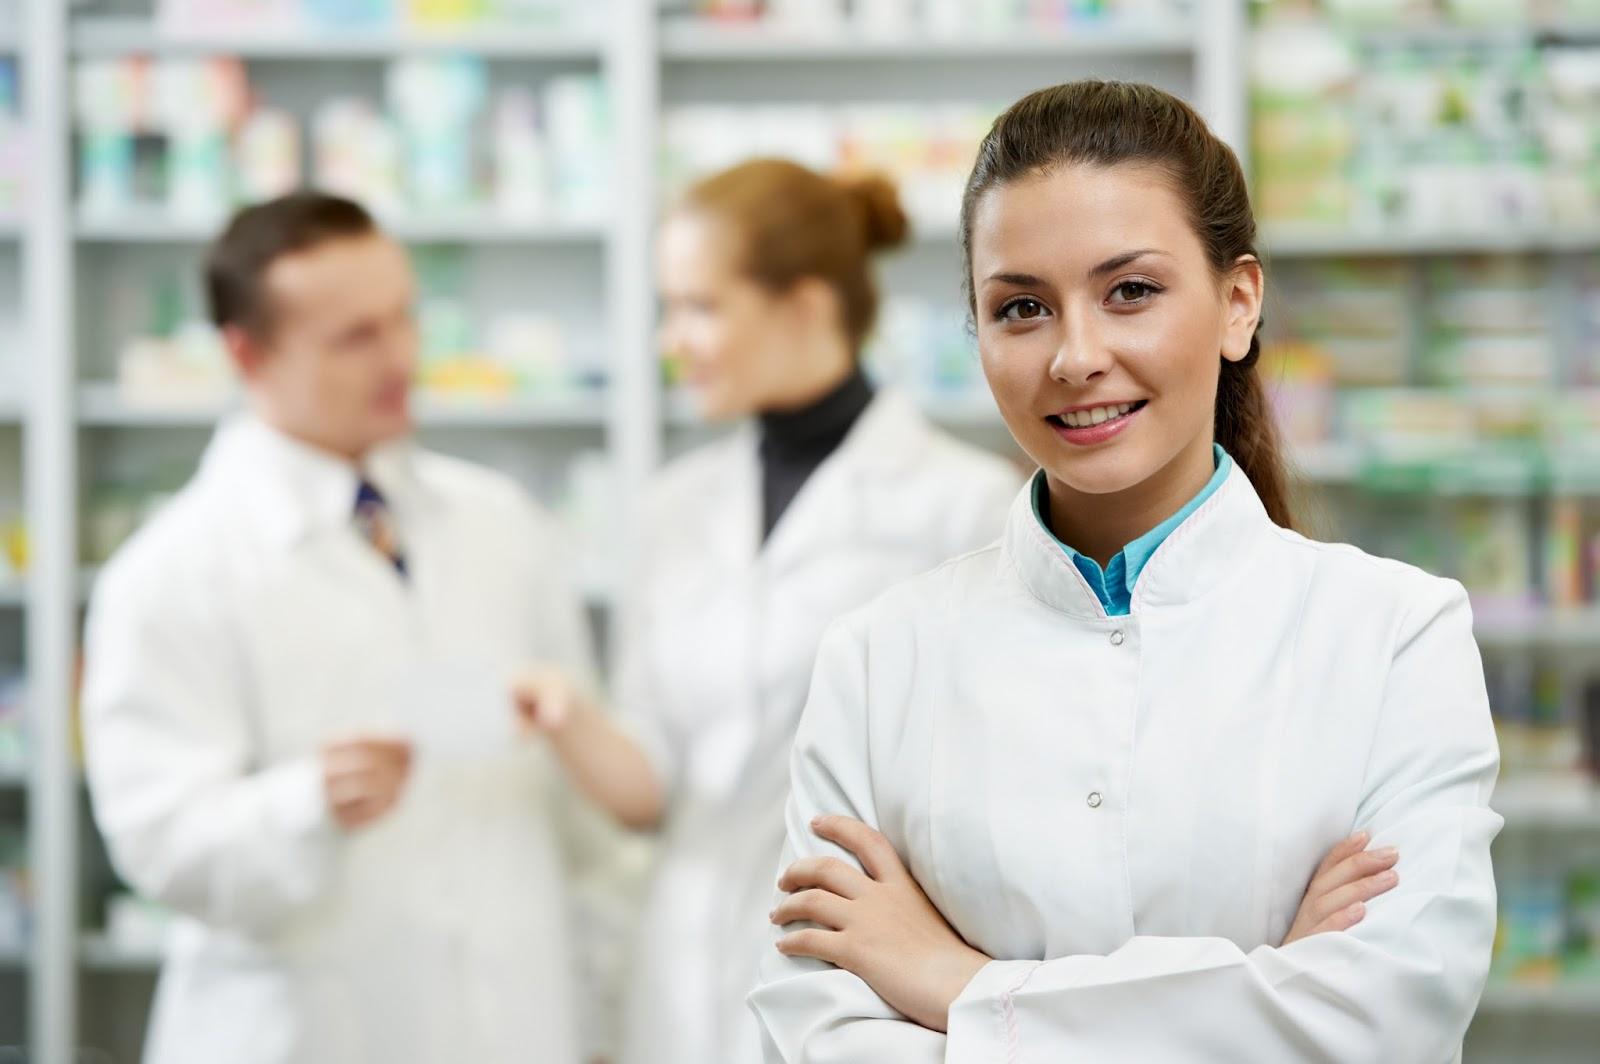 Làm thế nào để biết mình có phù hợp với ngành Điều dưỡng không?